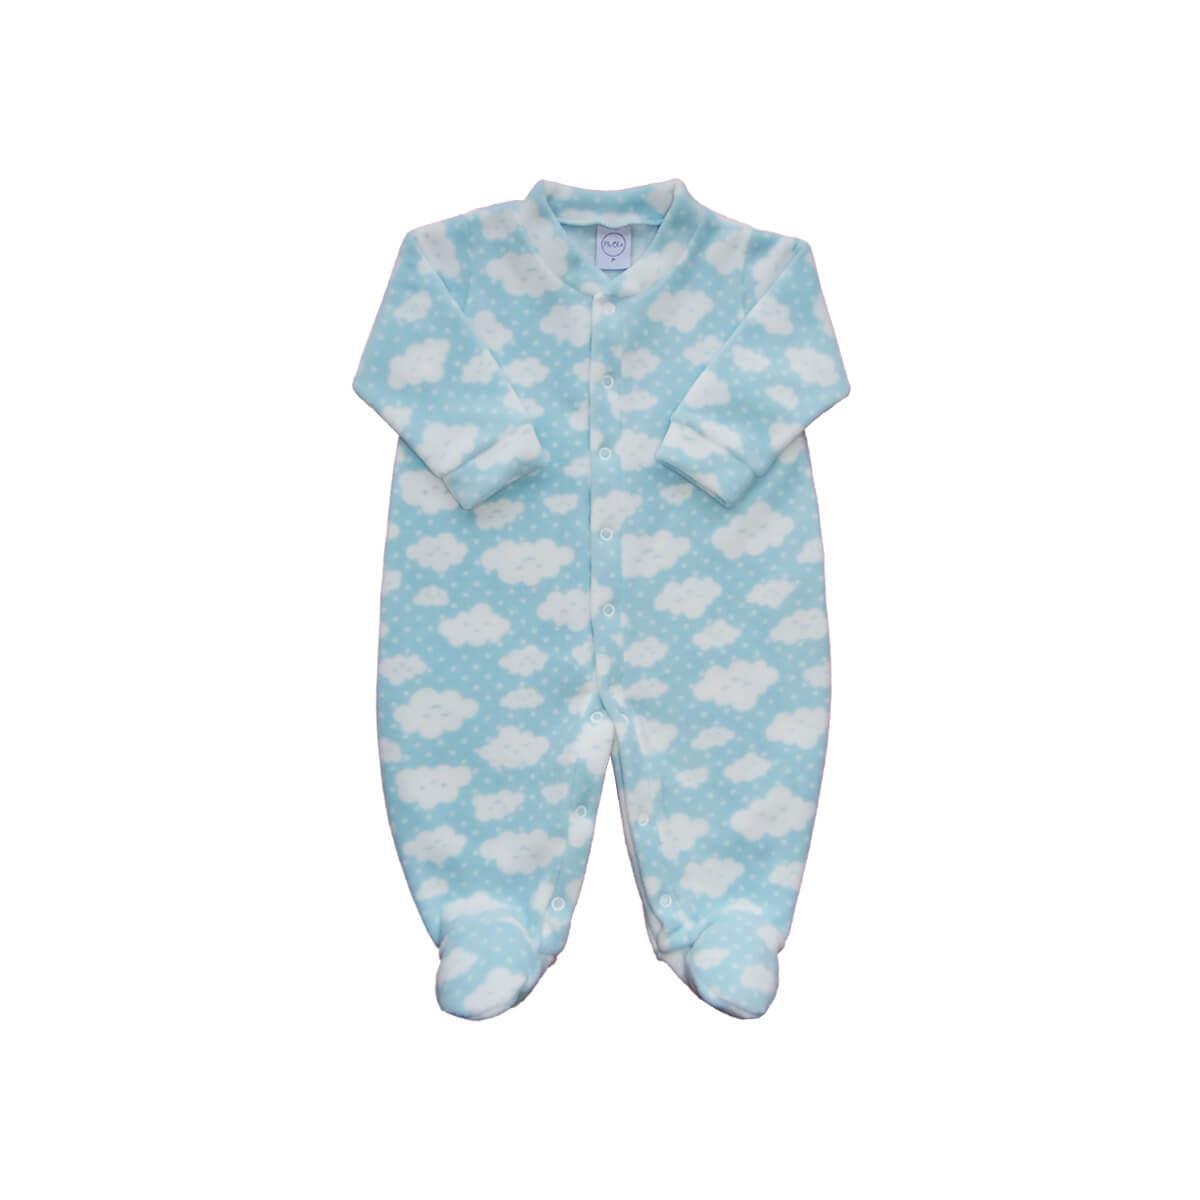 Macacão Bebê Soft Nuvens Azul  - Piu Blu